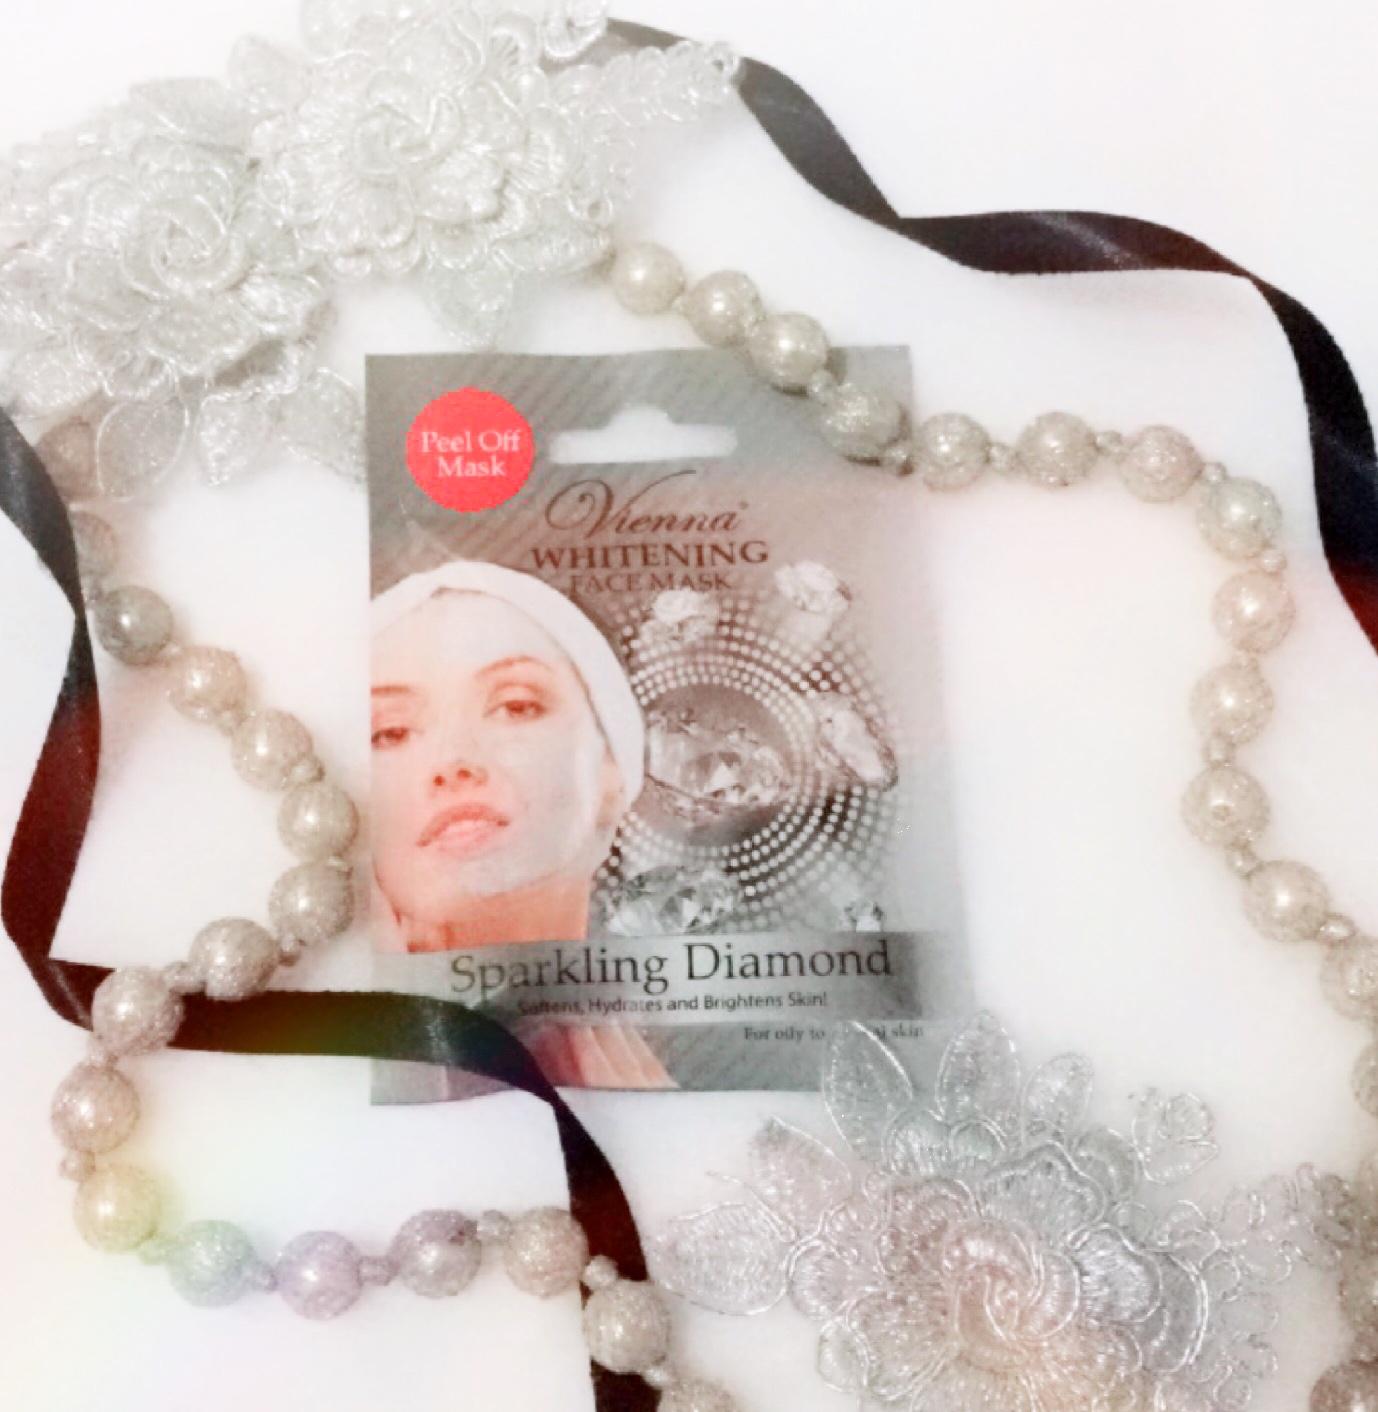 gambar review ke-2 untuk Vienna Whitening Face Mask Sparkling Diamond